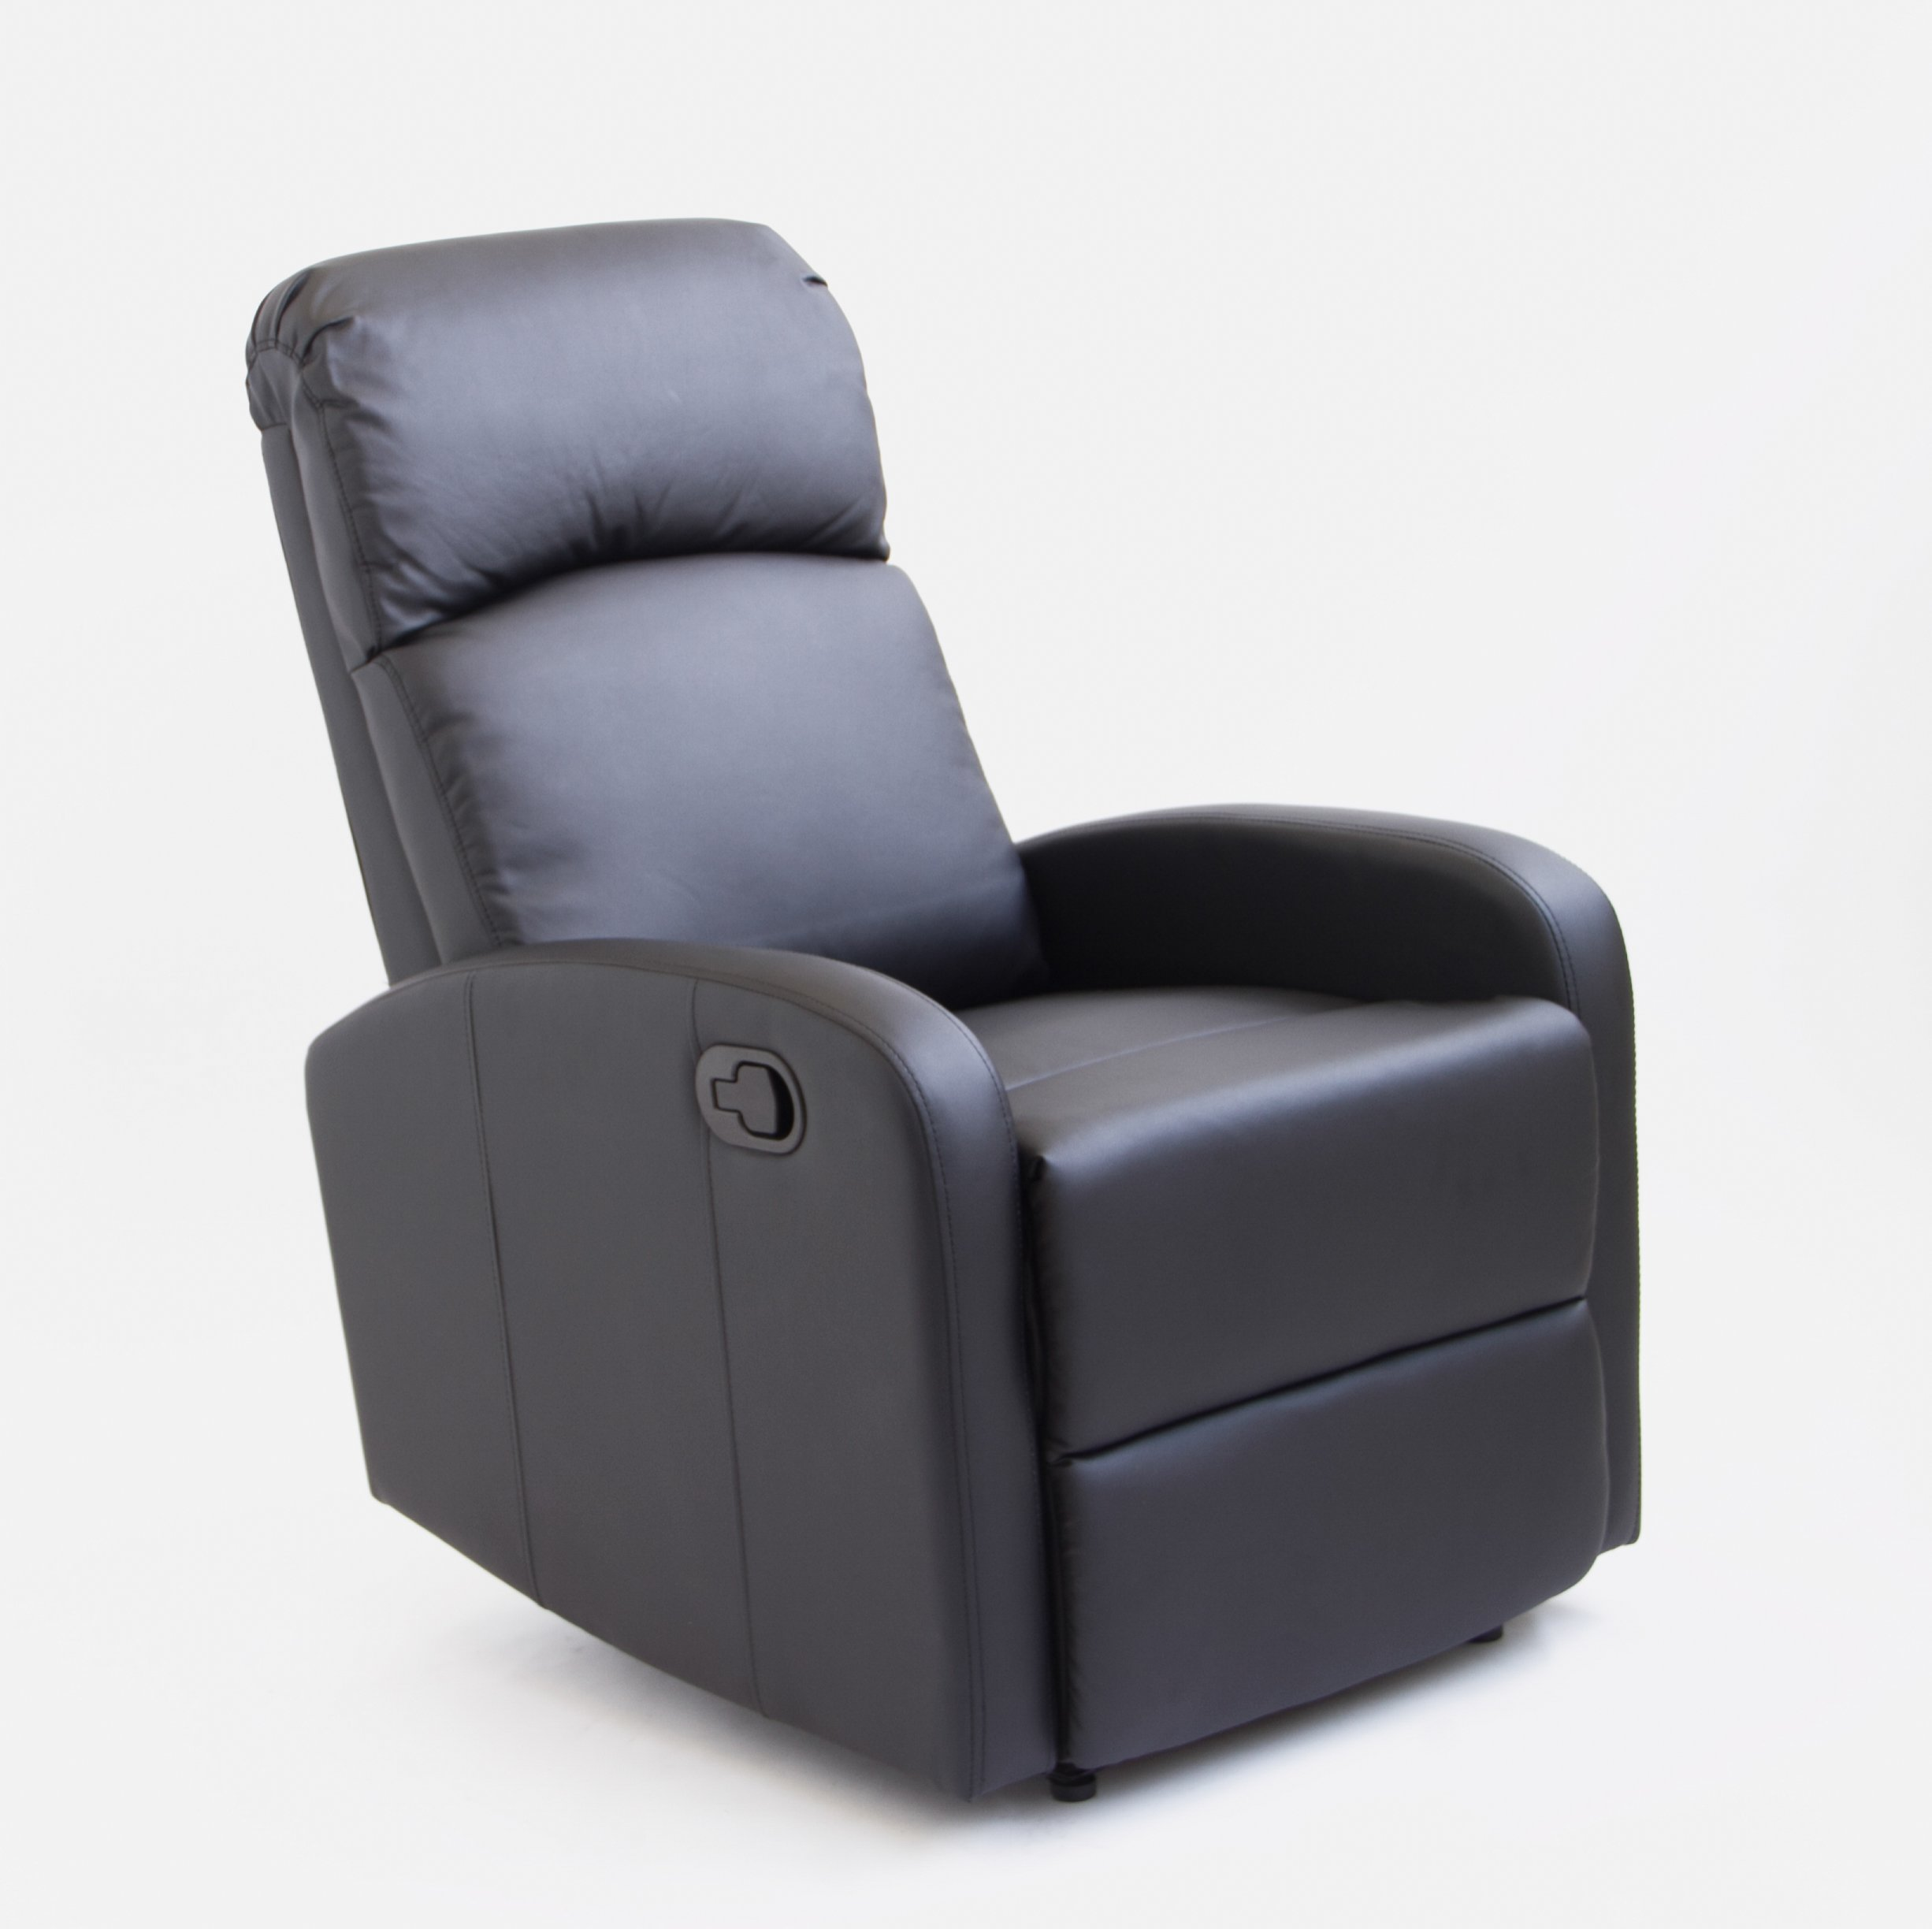 Astan Hogar Premium Sillón Relax Con Reclinación Manual, Tapizado Anti-cuarteo Negro, Compacto